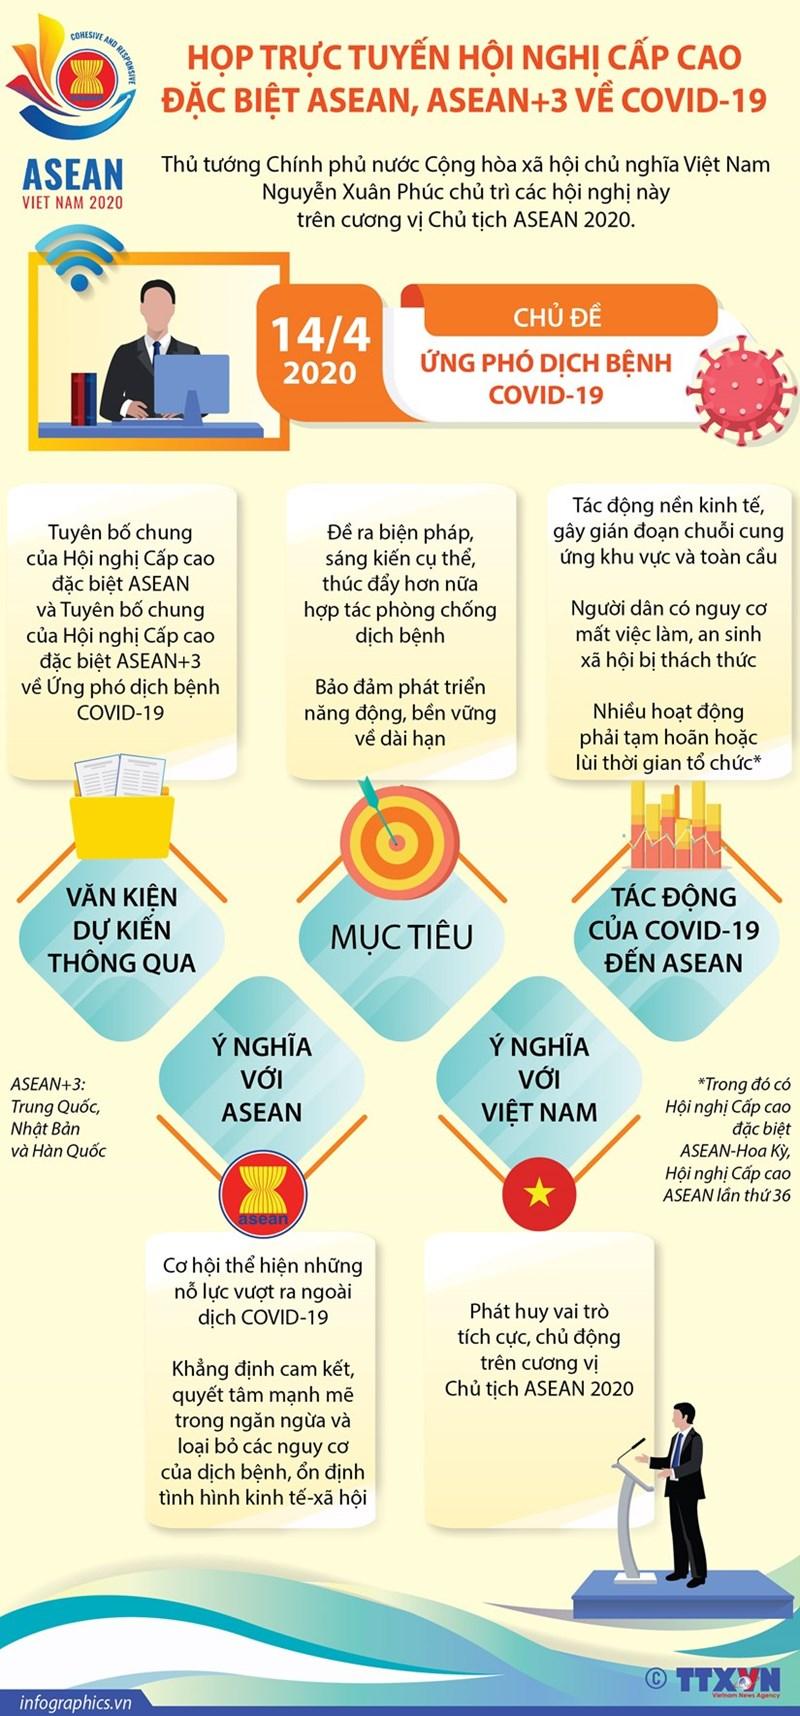 [Infographics] Họp trực tuyến Hội nghị Cấp cao đặc biệt ASEAN về COVID-19 - Ảnh 1